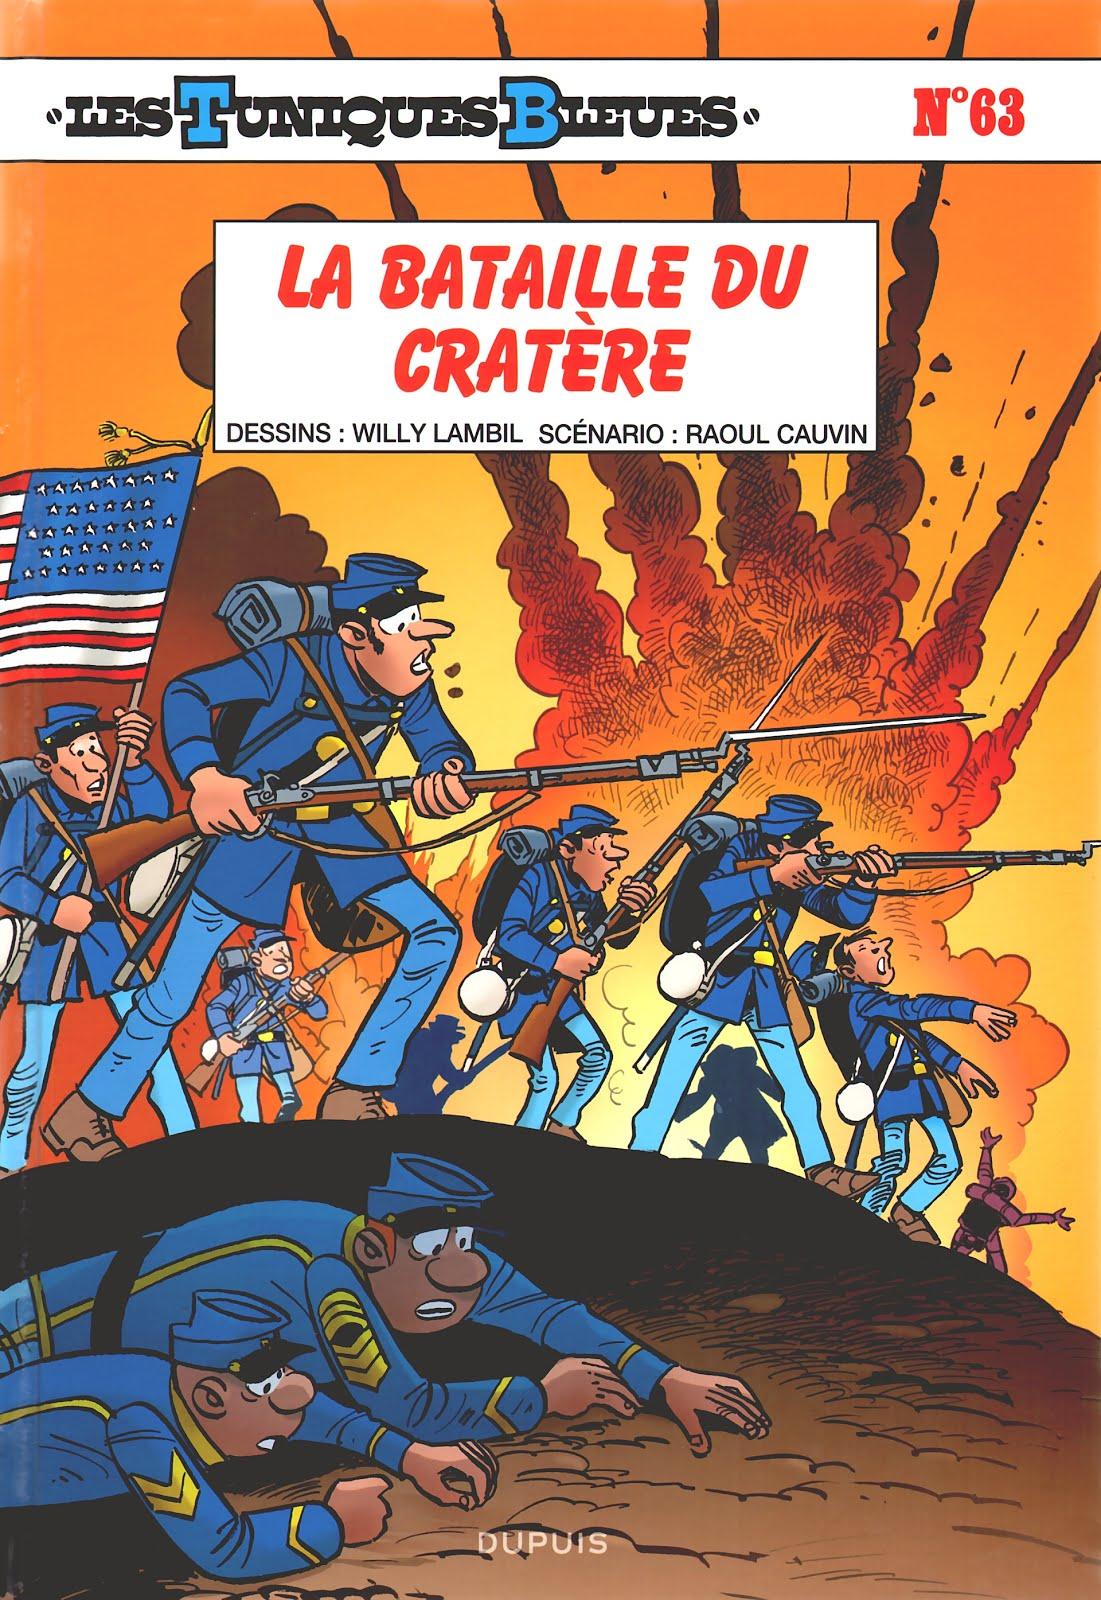 Les Tuniques Bleues  #01 - #63 - R. Cauvin - L. Salvérius